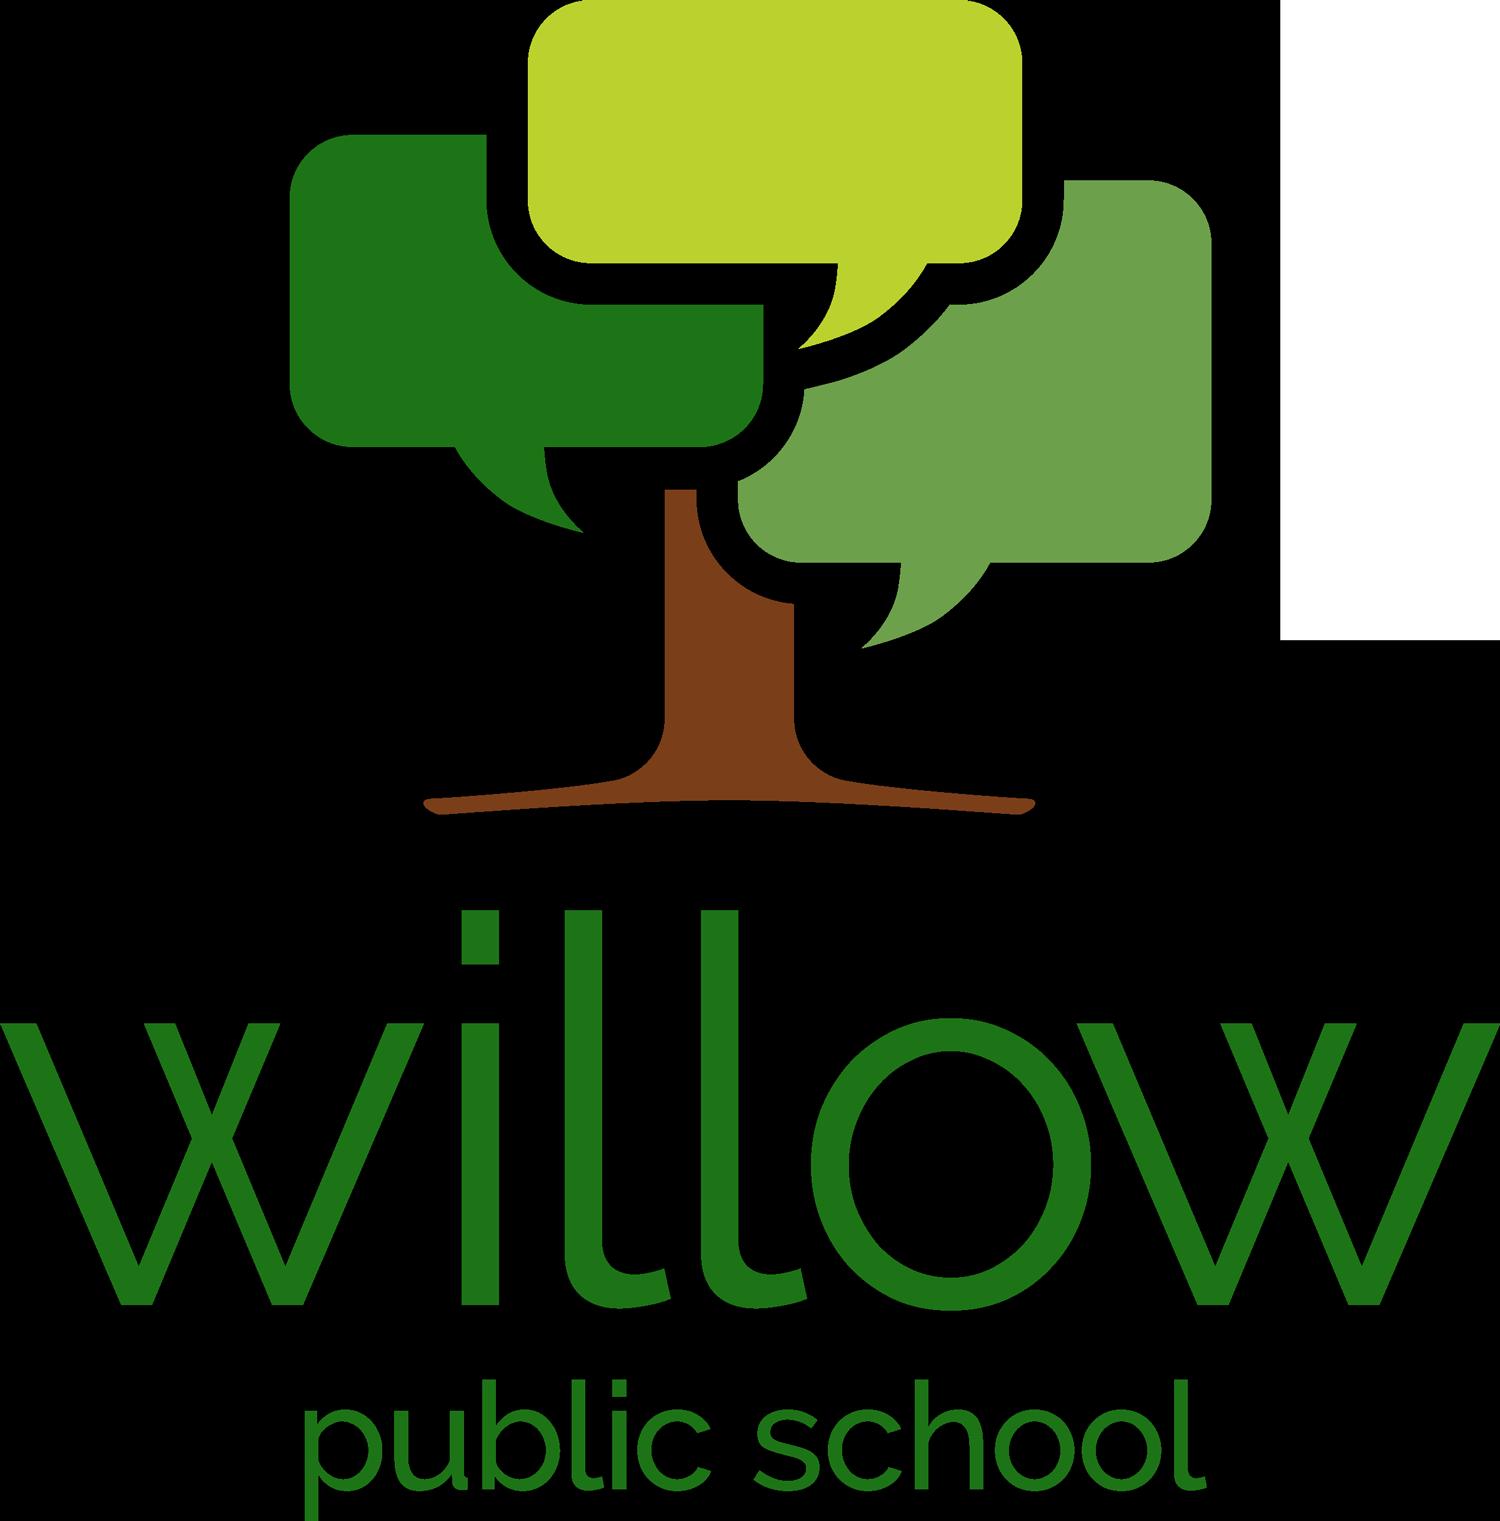 Clipart calendar labor day. Willow public school